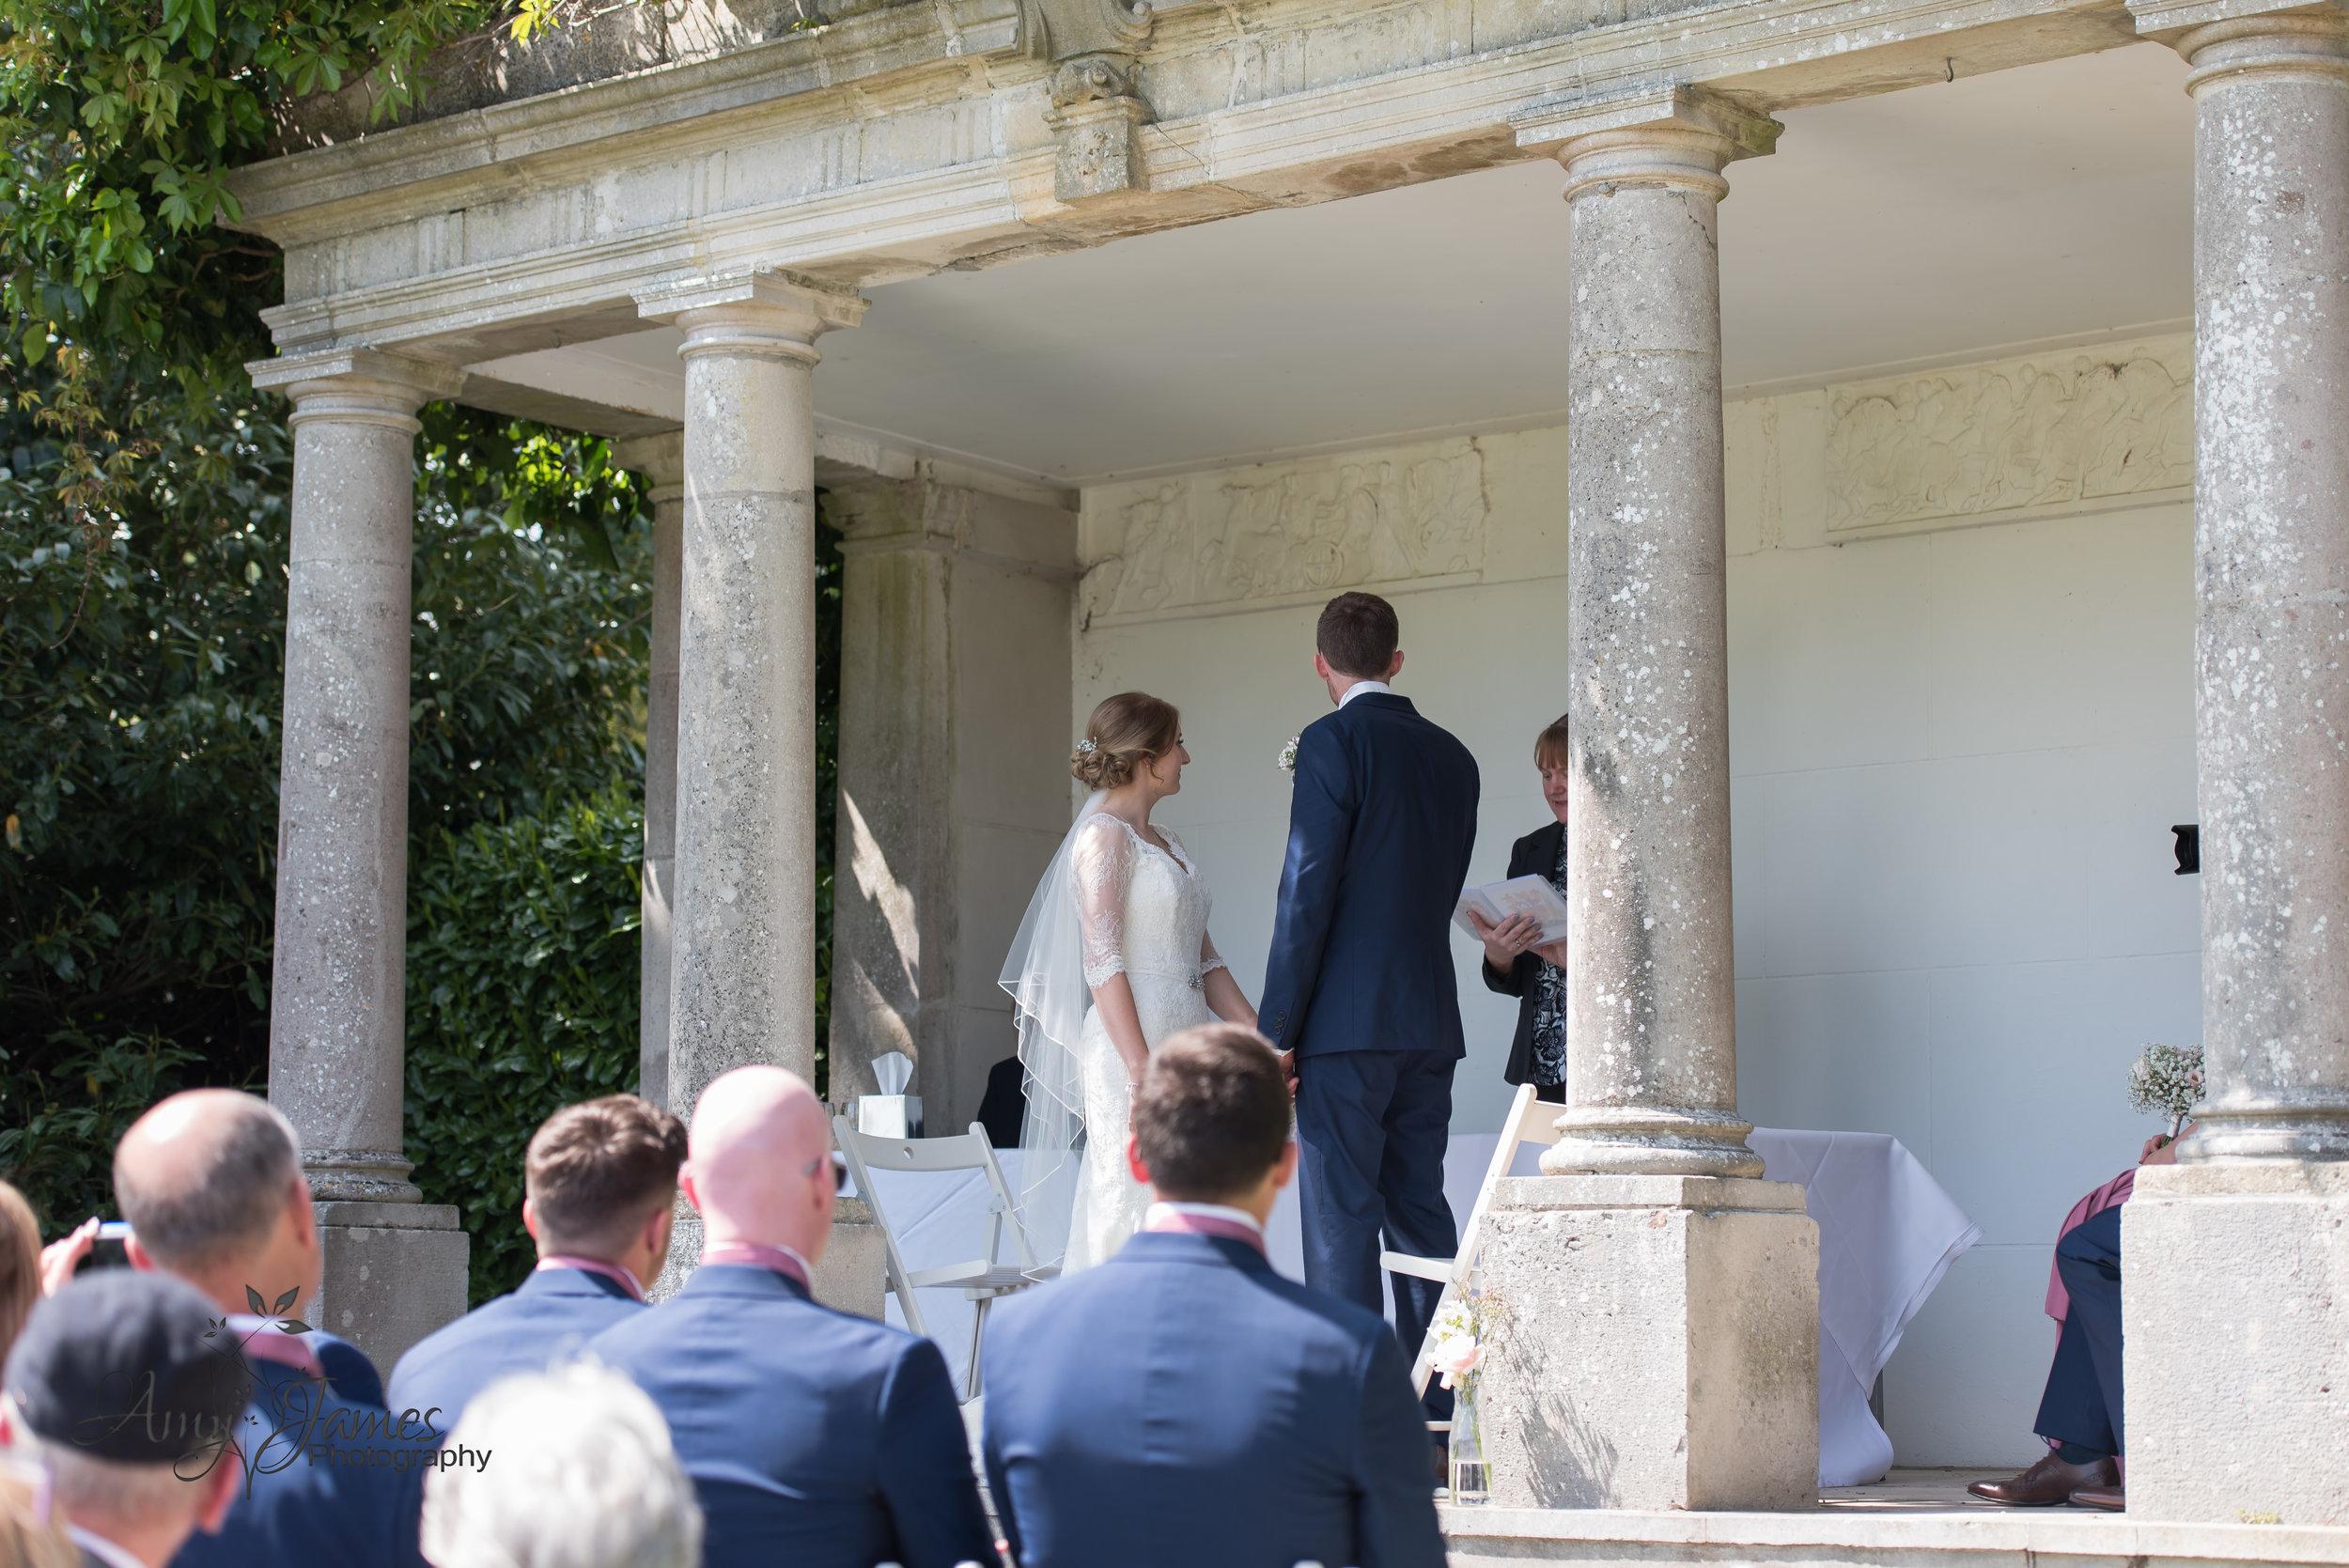 Hampshire wedding photographer | Fleet wedding photographer | Haighfield Park Wedding Venue | Highfield Park Wedding Photogrpaher | Outdoor wedding uk | Amy James Photography